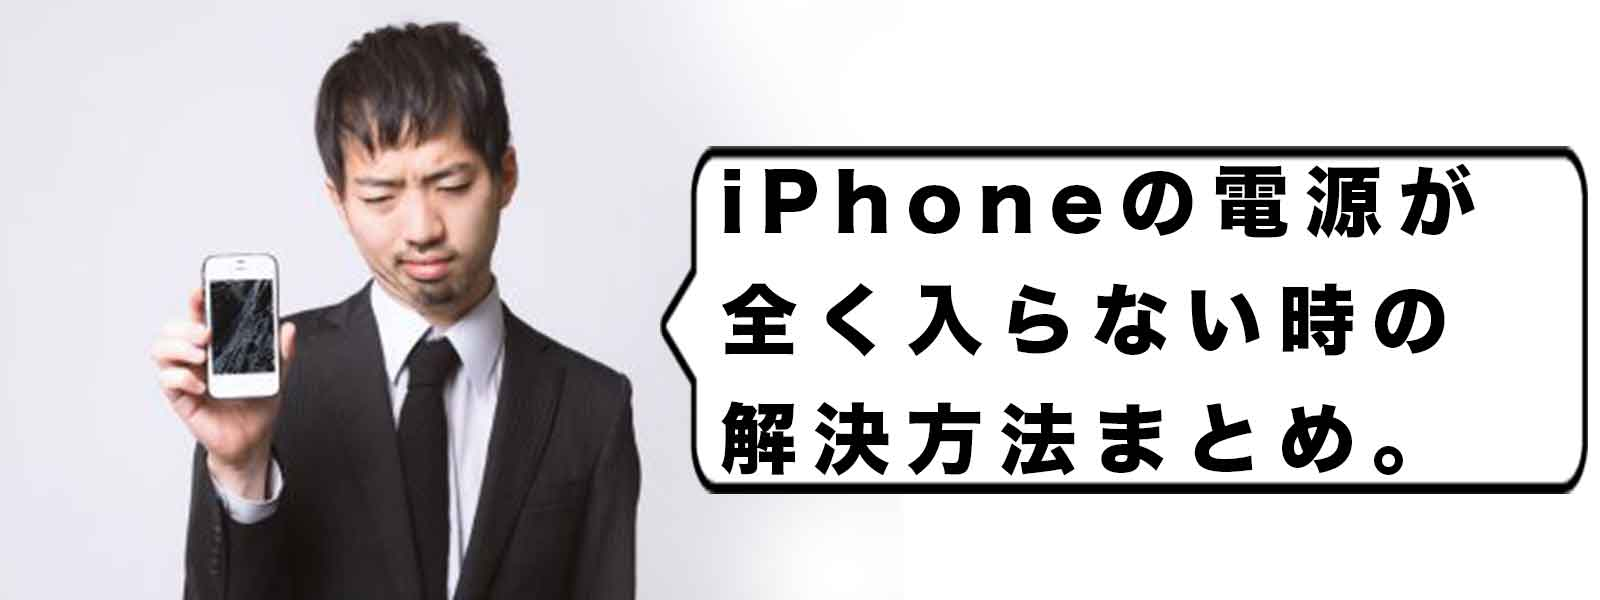 iPhone電源が入らない時の解決方法まとめ